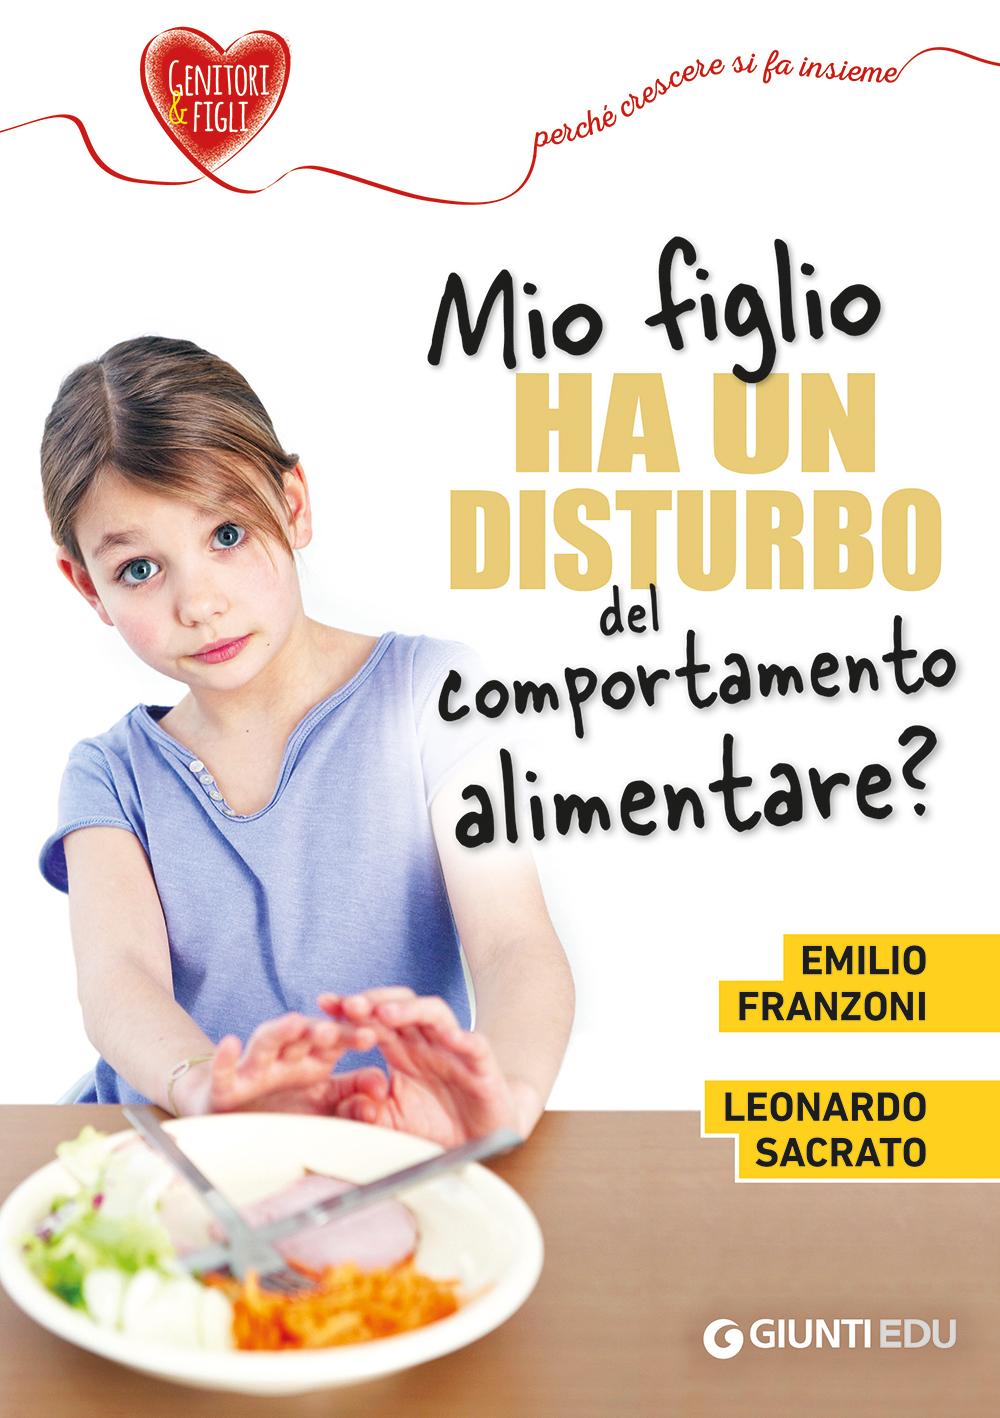 Mio figlio ha un disturbo del comportamento alimentare?